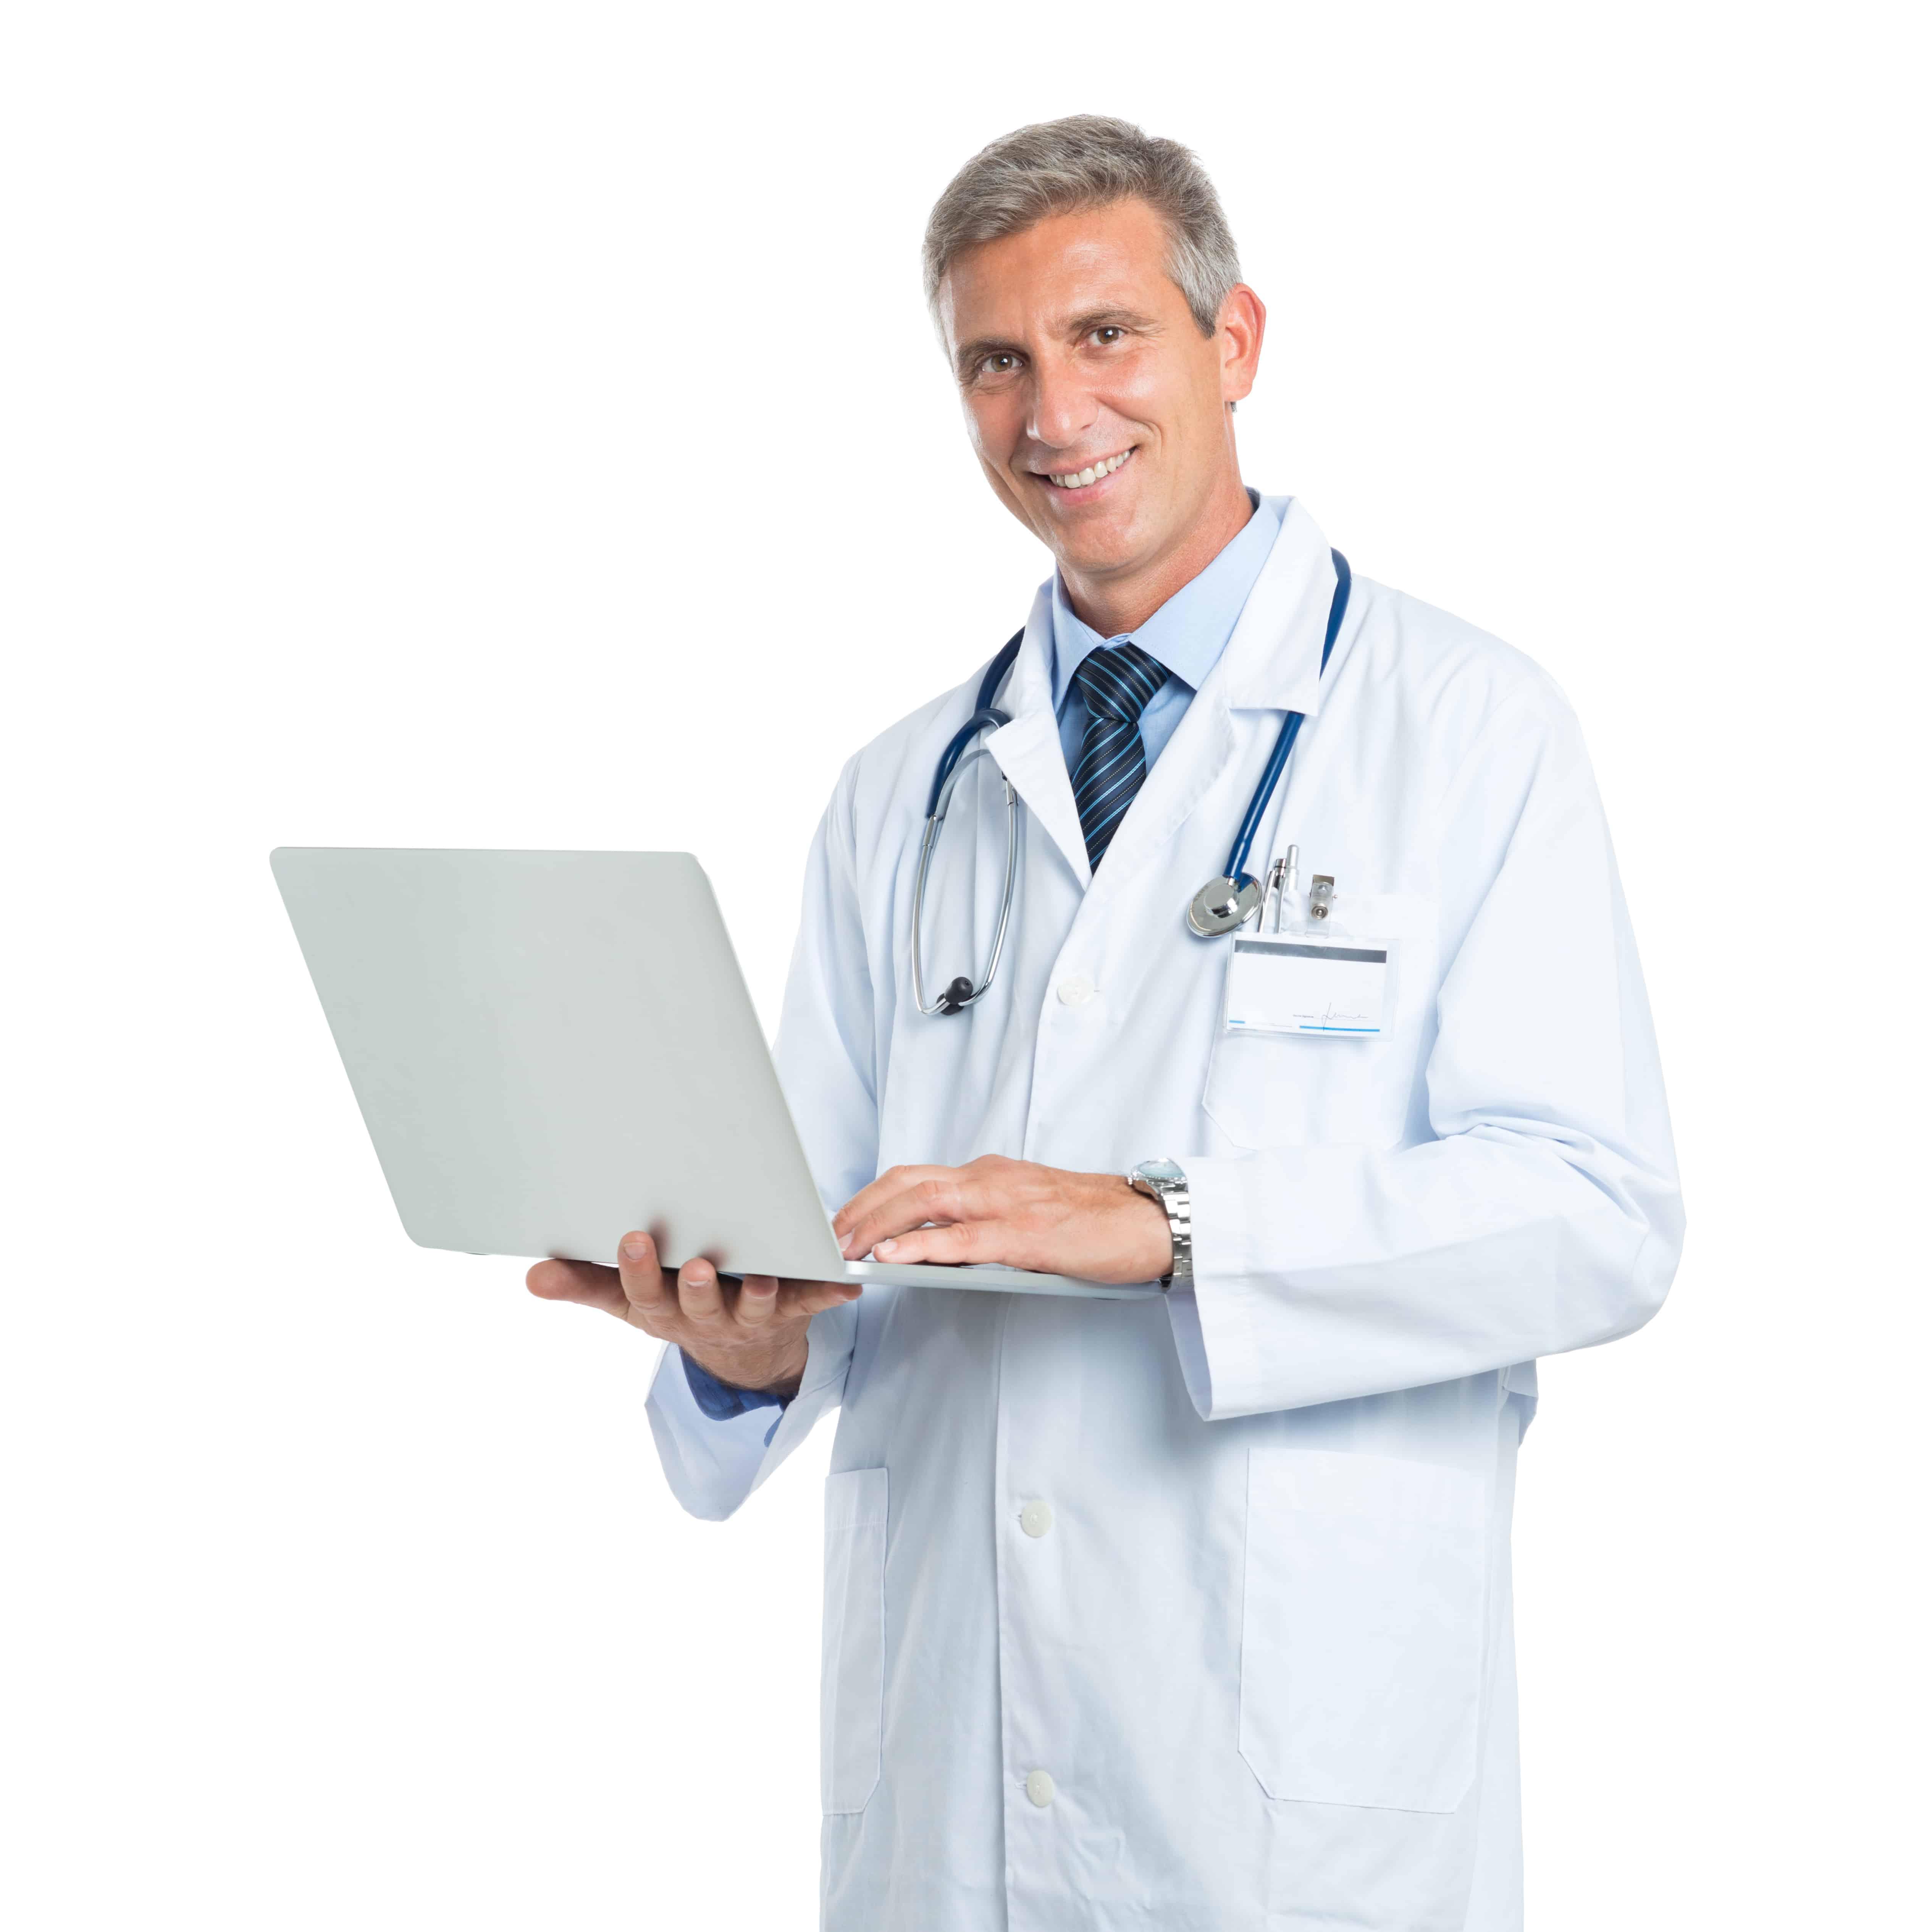 Préposé - télésecrétariat pour médecin